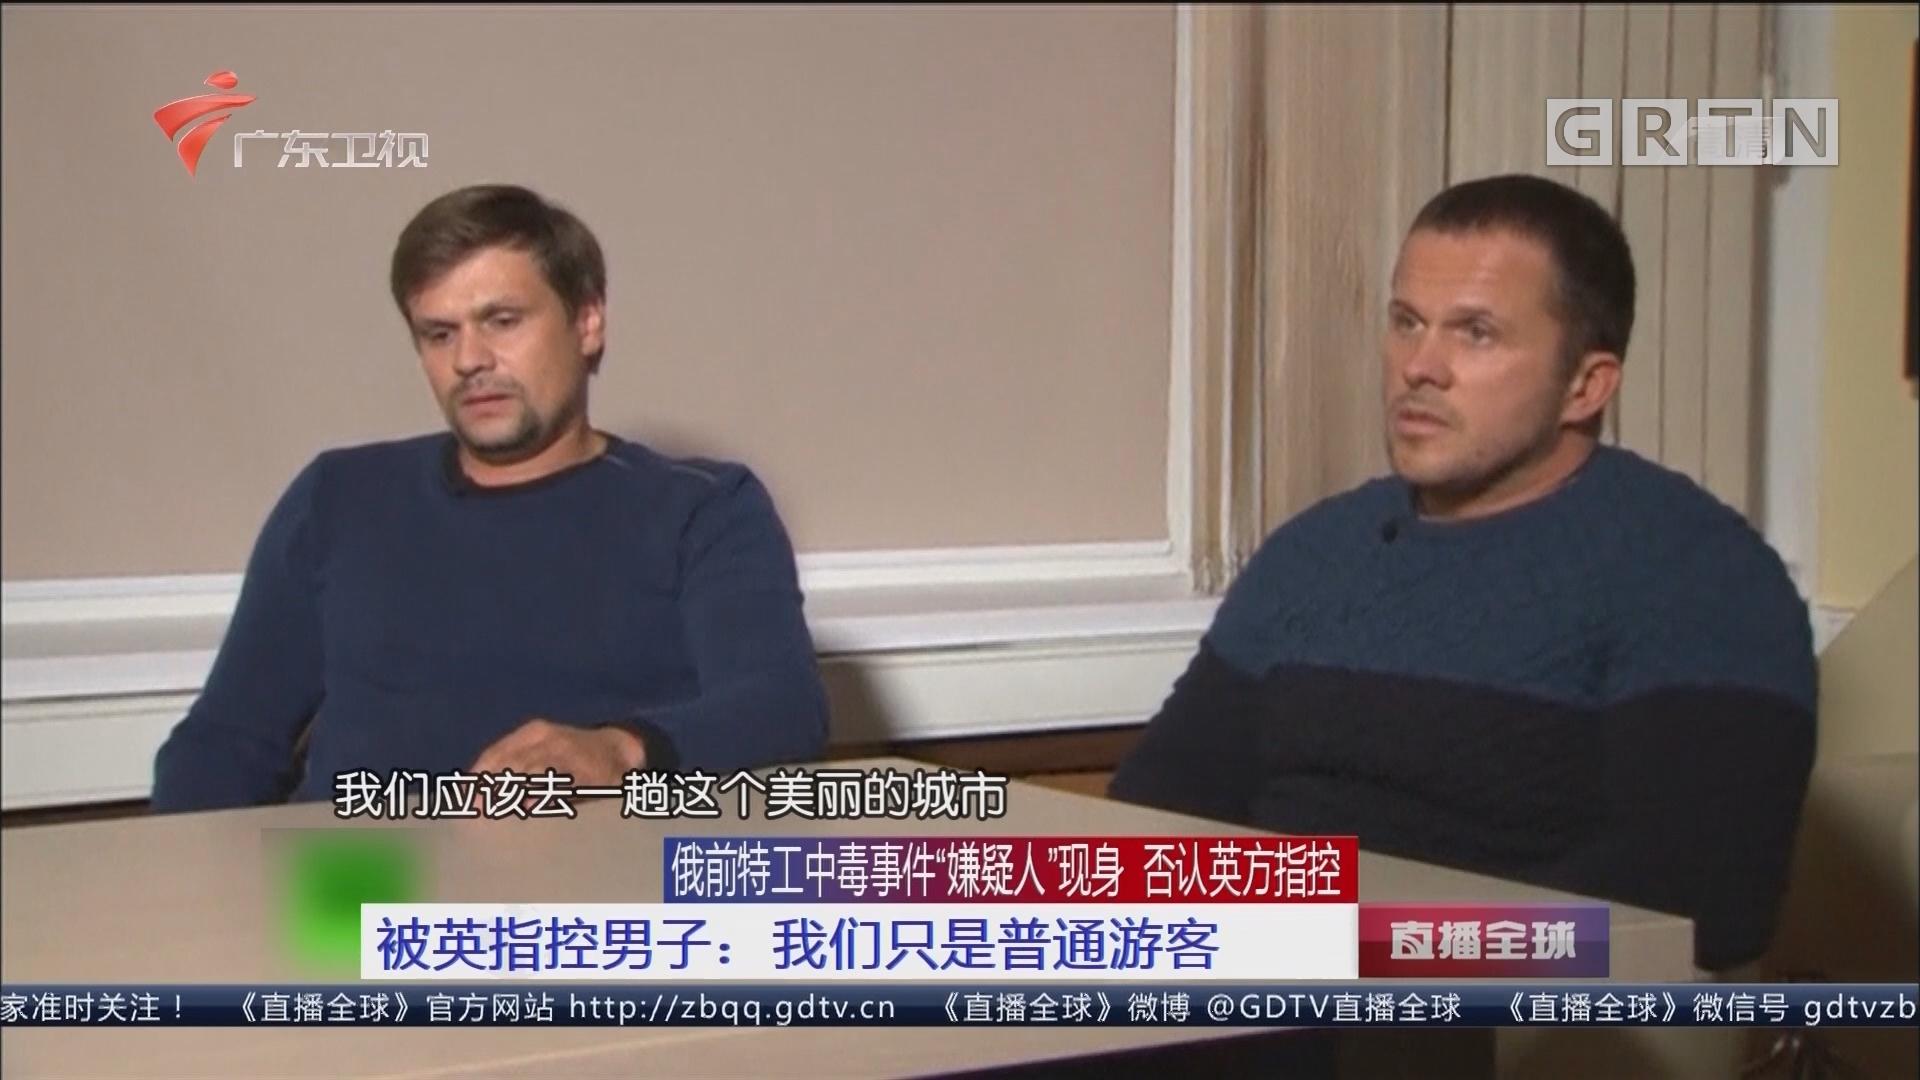 """俄前特工中毒事件""""嫌疑人""""现身 否认英方指控 被英指控男子:我们只是普通游客"""